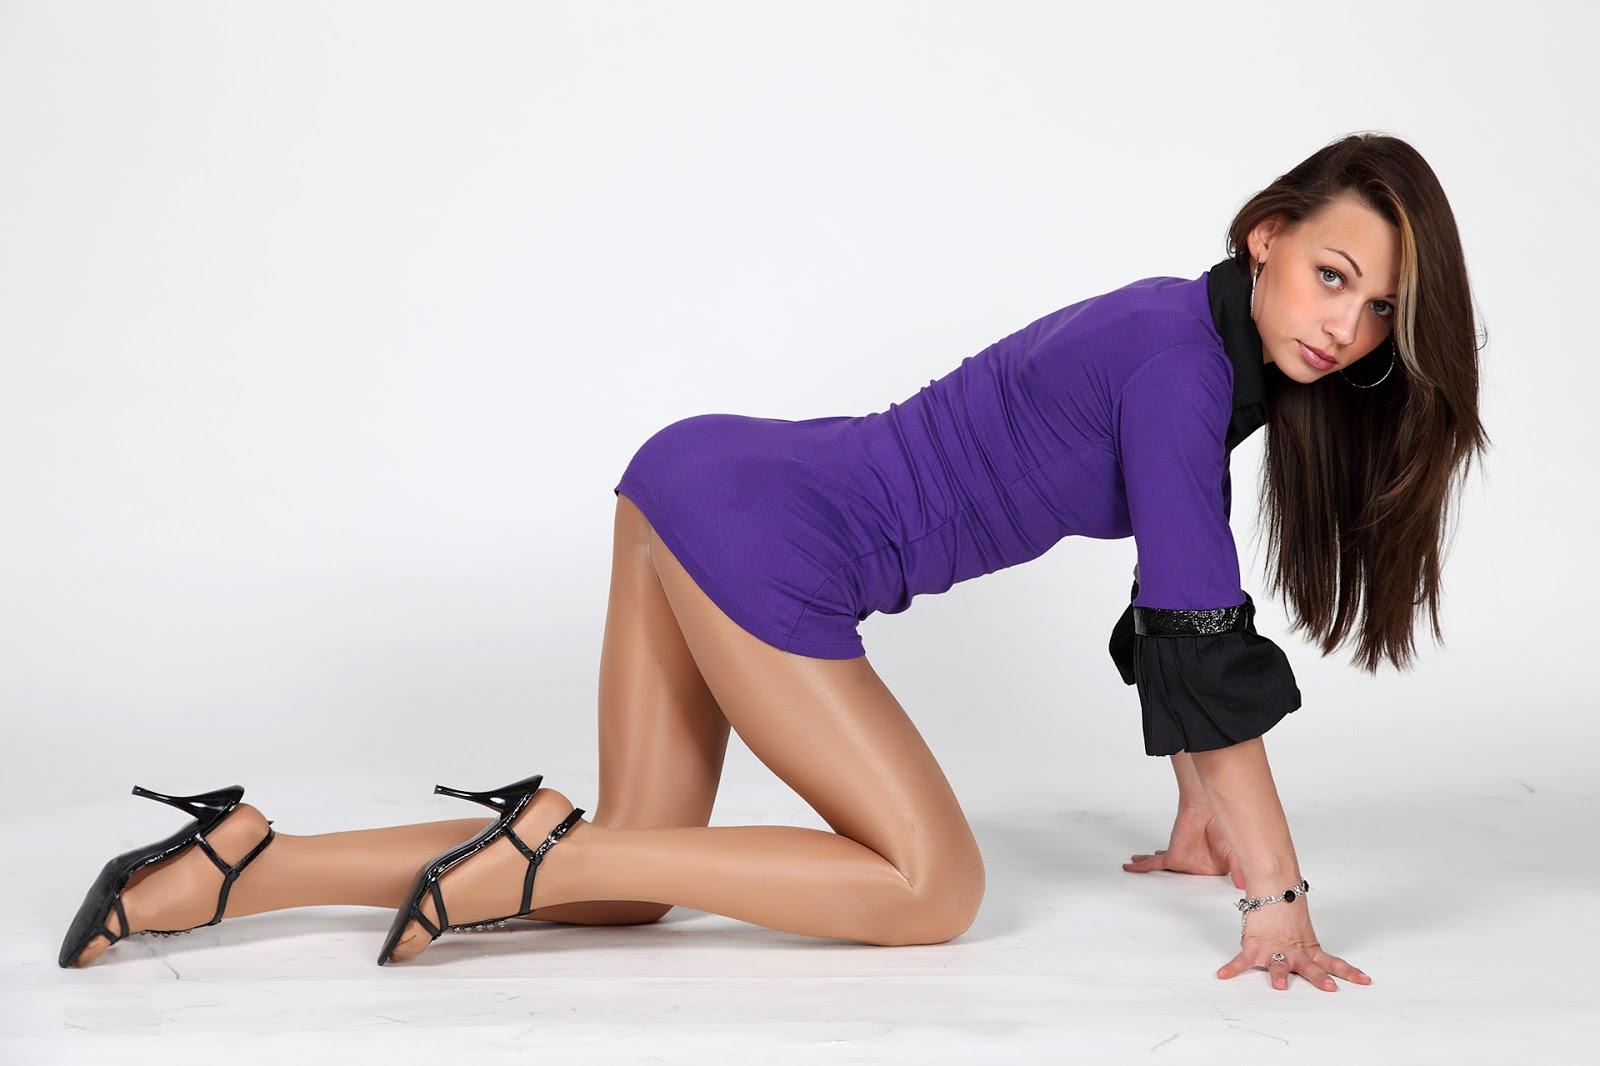 http://4.bp.blogspot.com/-6b5QhixAaw4/UIrZVszZqoI/AAAAAAAANos/wws41bAtwds/s1600/Brunette+Beautiful+Legs.jpg